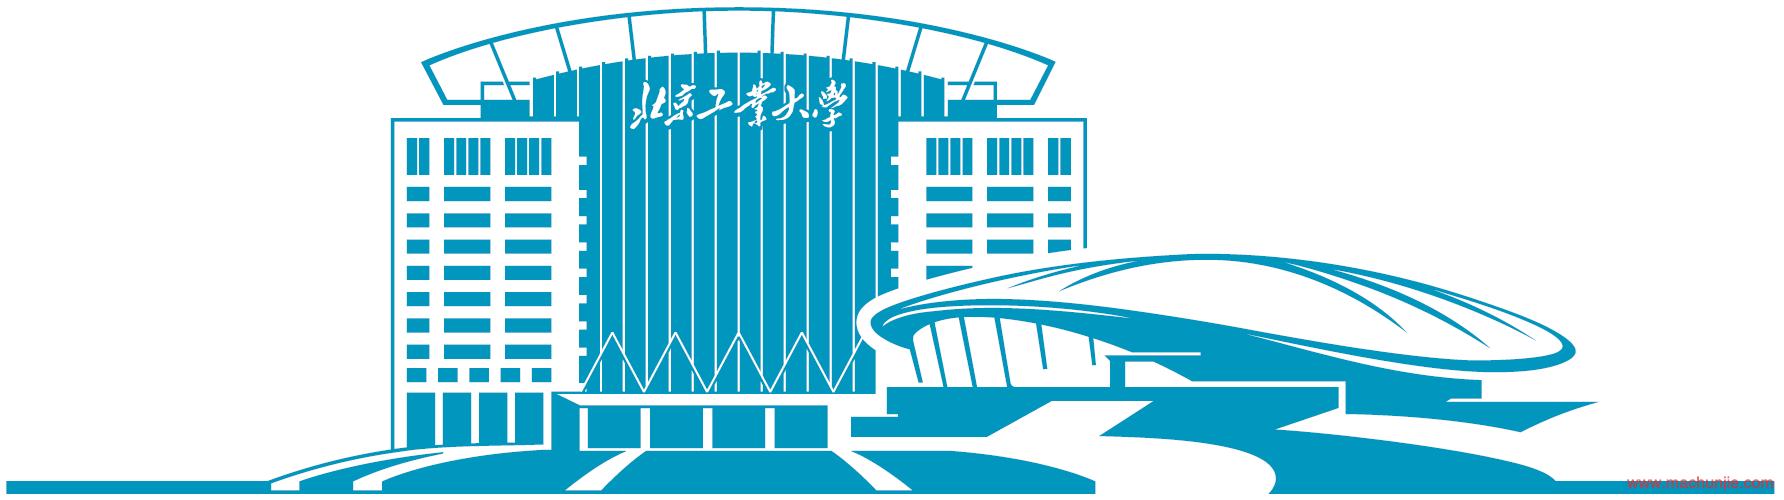 [BJUT]第三届生物医学和多媒体信息技术 – 全球研究网络(BMIT-GRN)2019研讨会召开